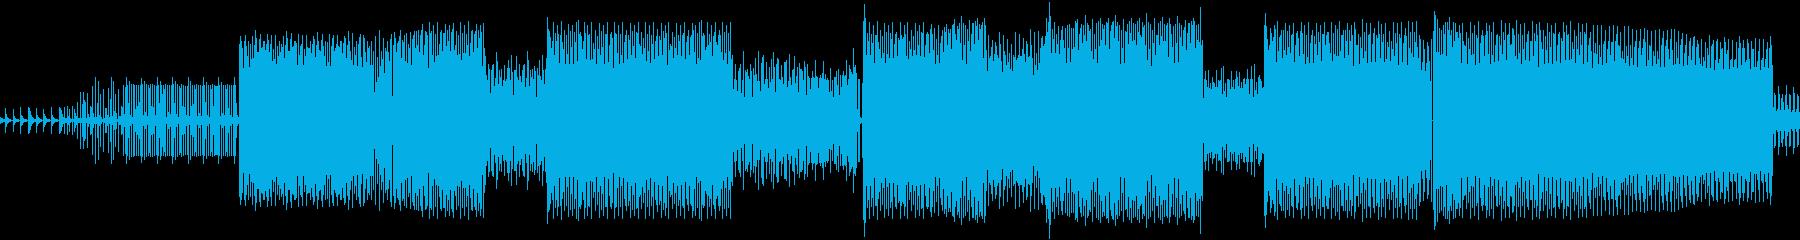 ミニマリストテクノ。の再生済みの波形